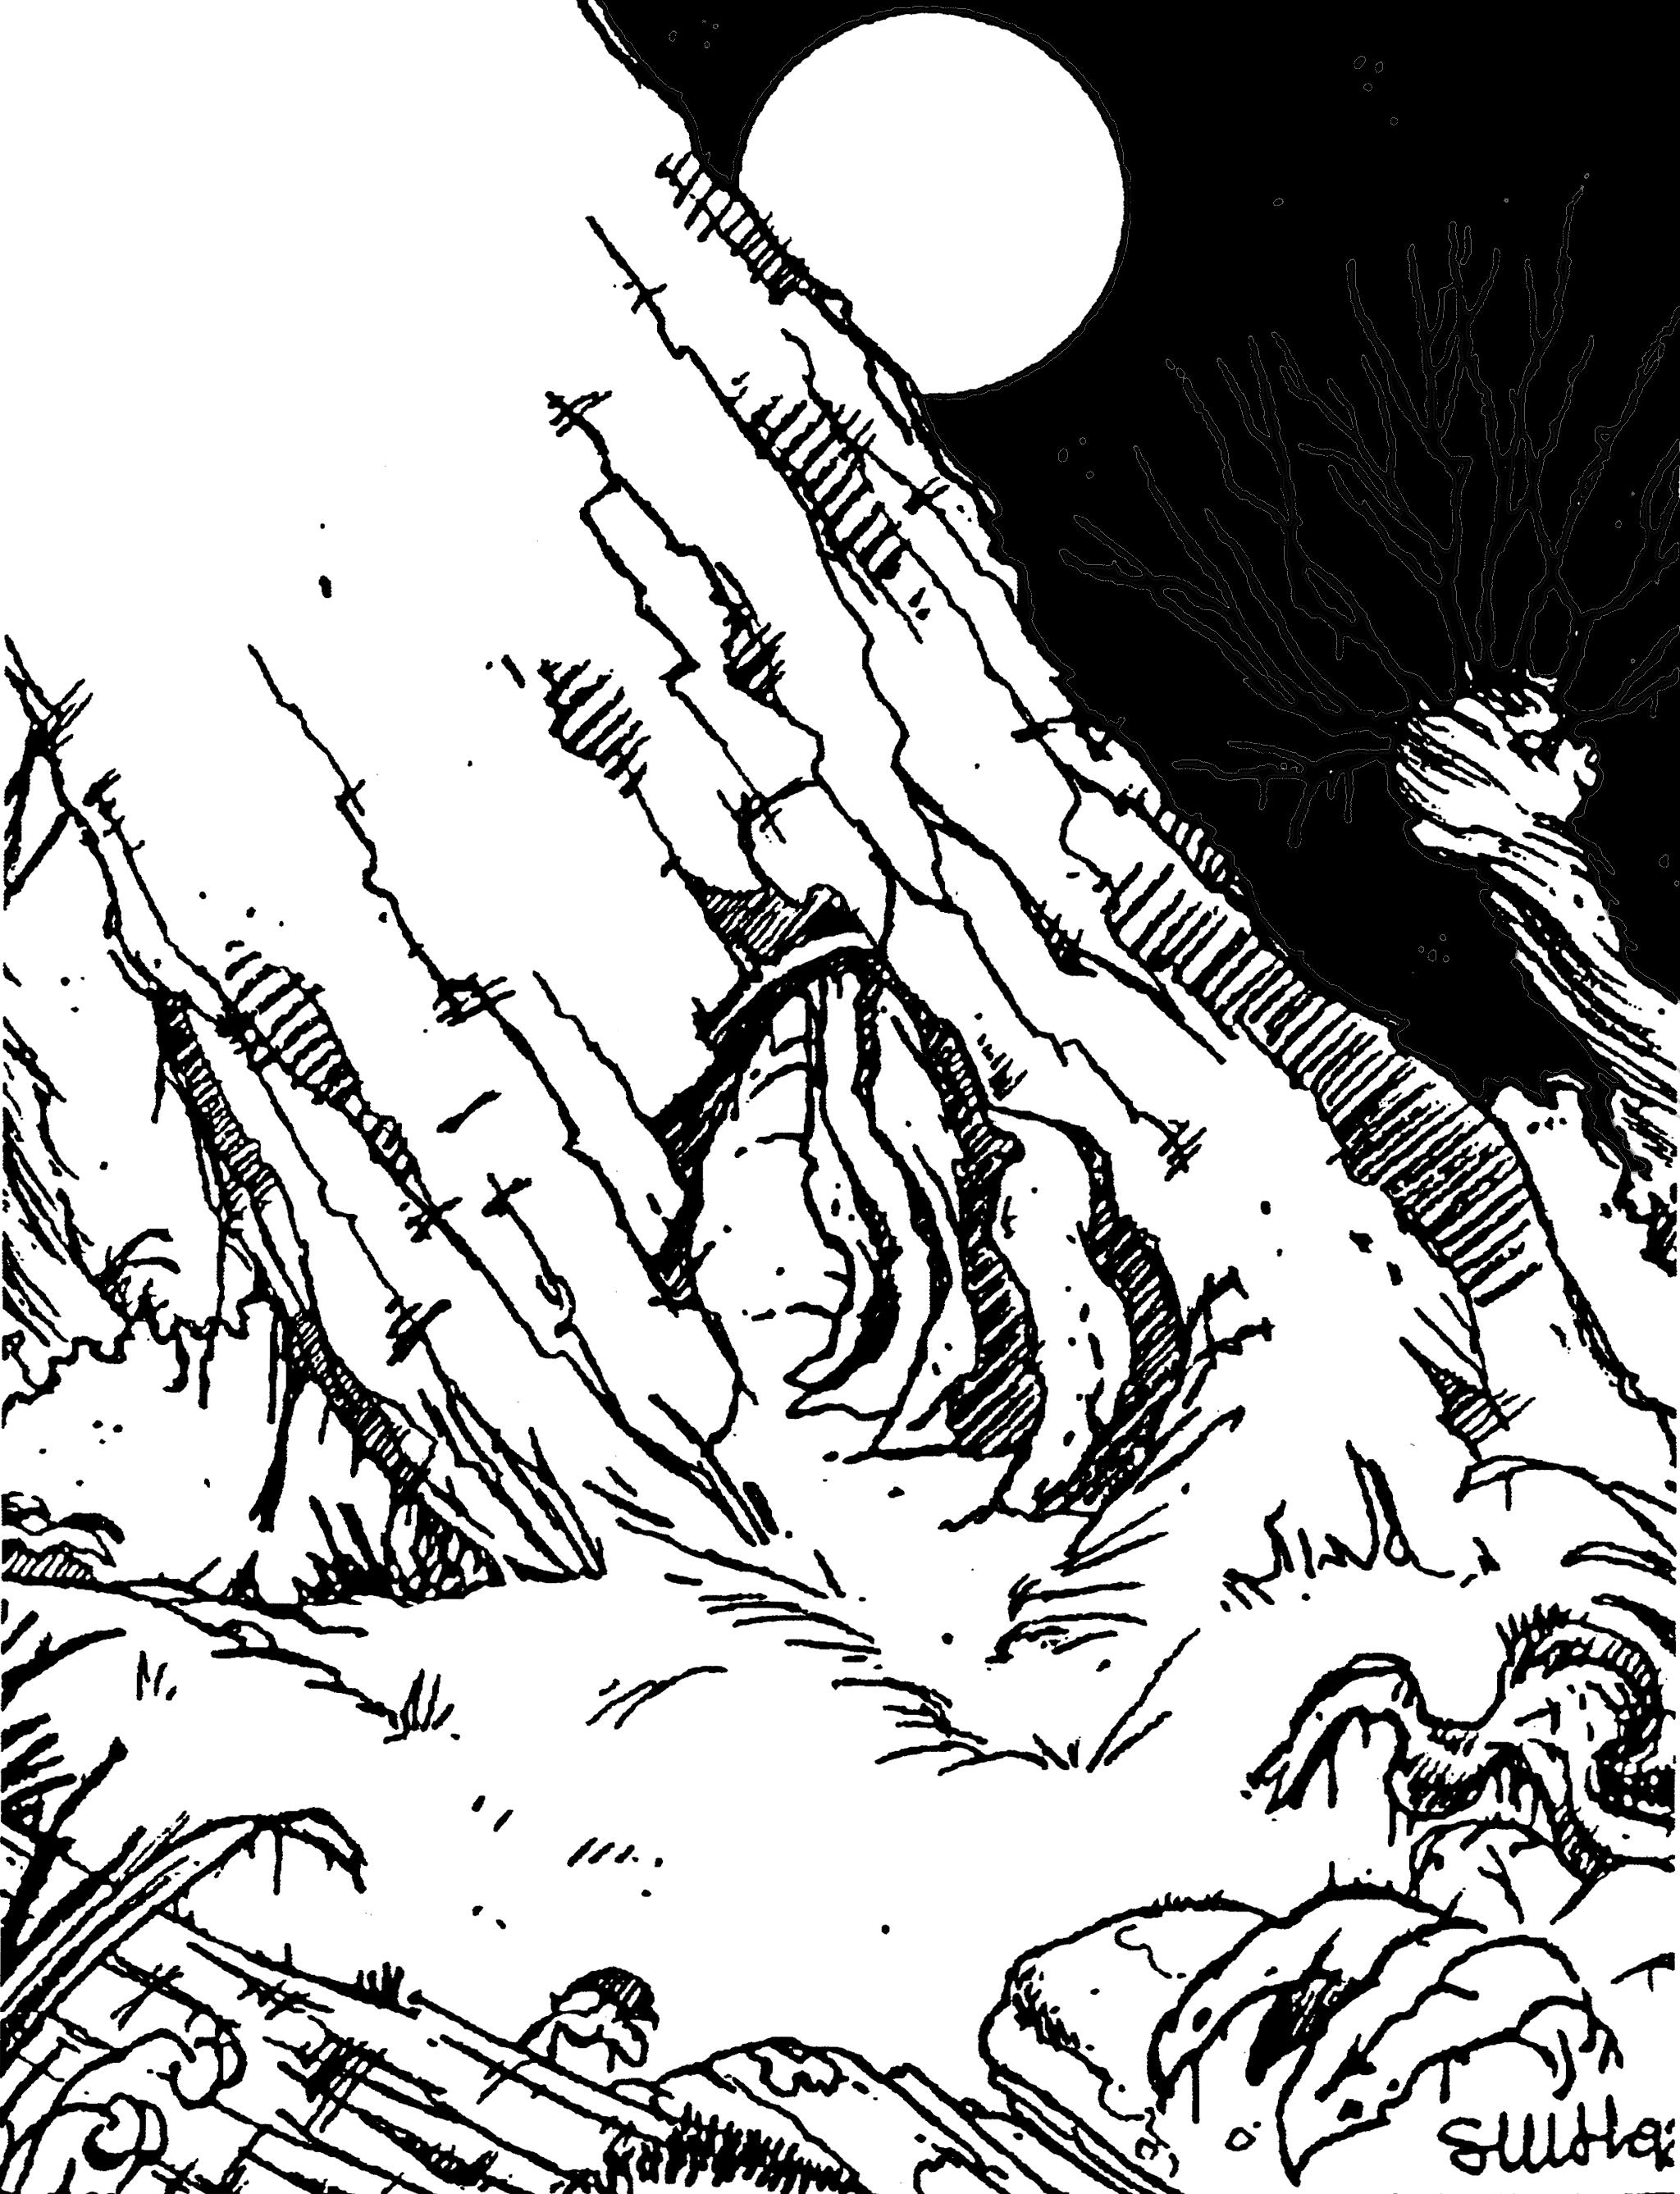 Vue d'une forêt avec en fond la Lune